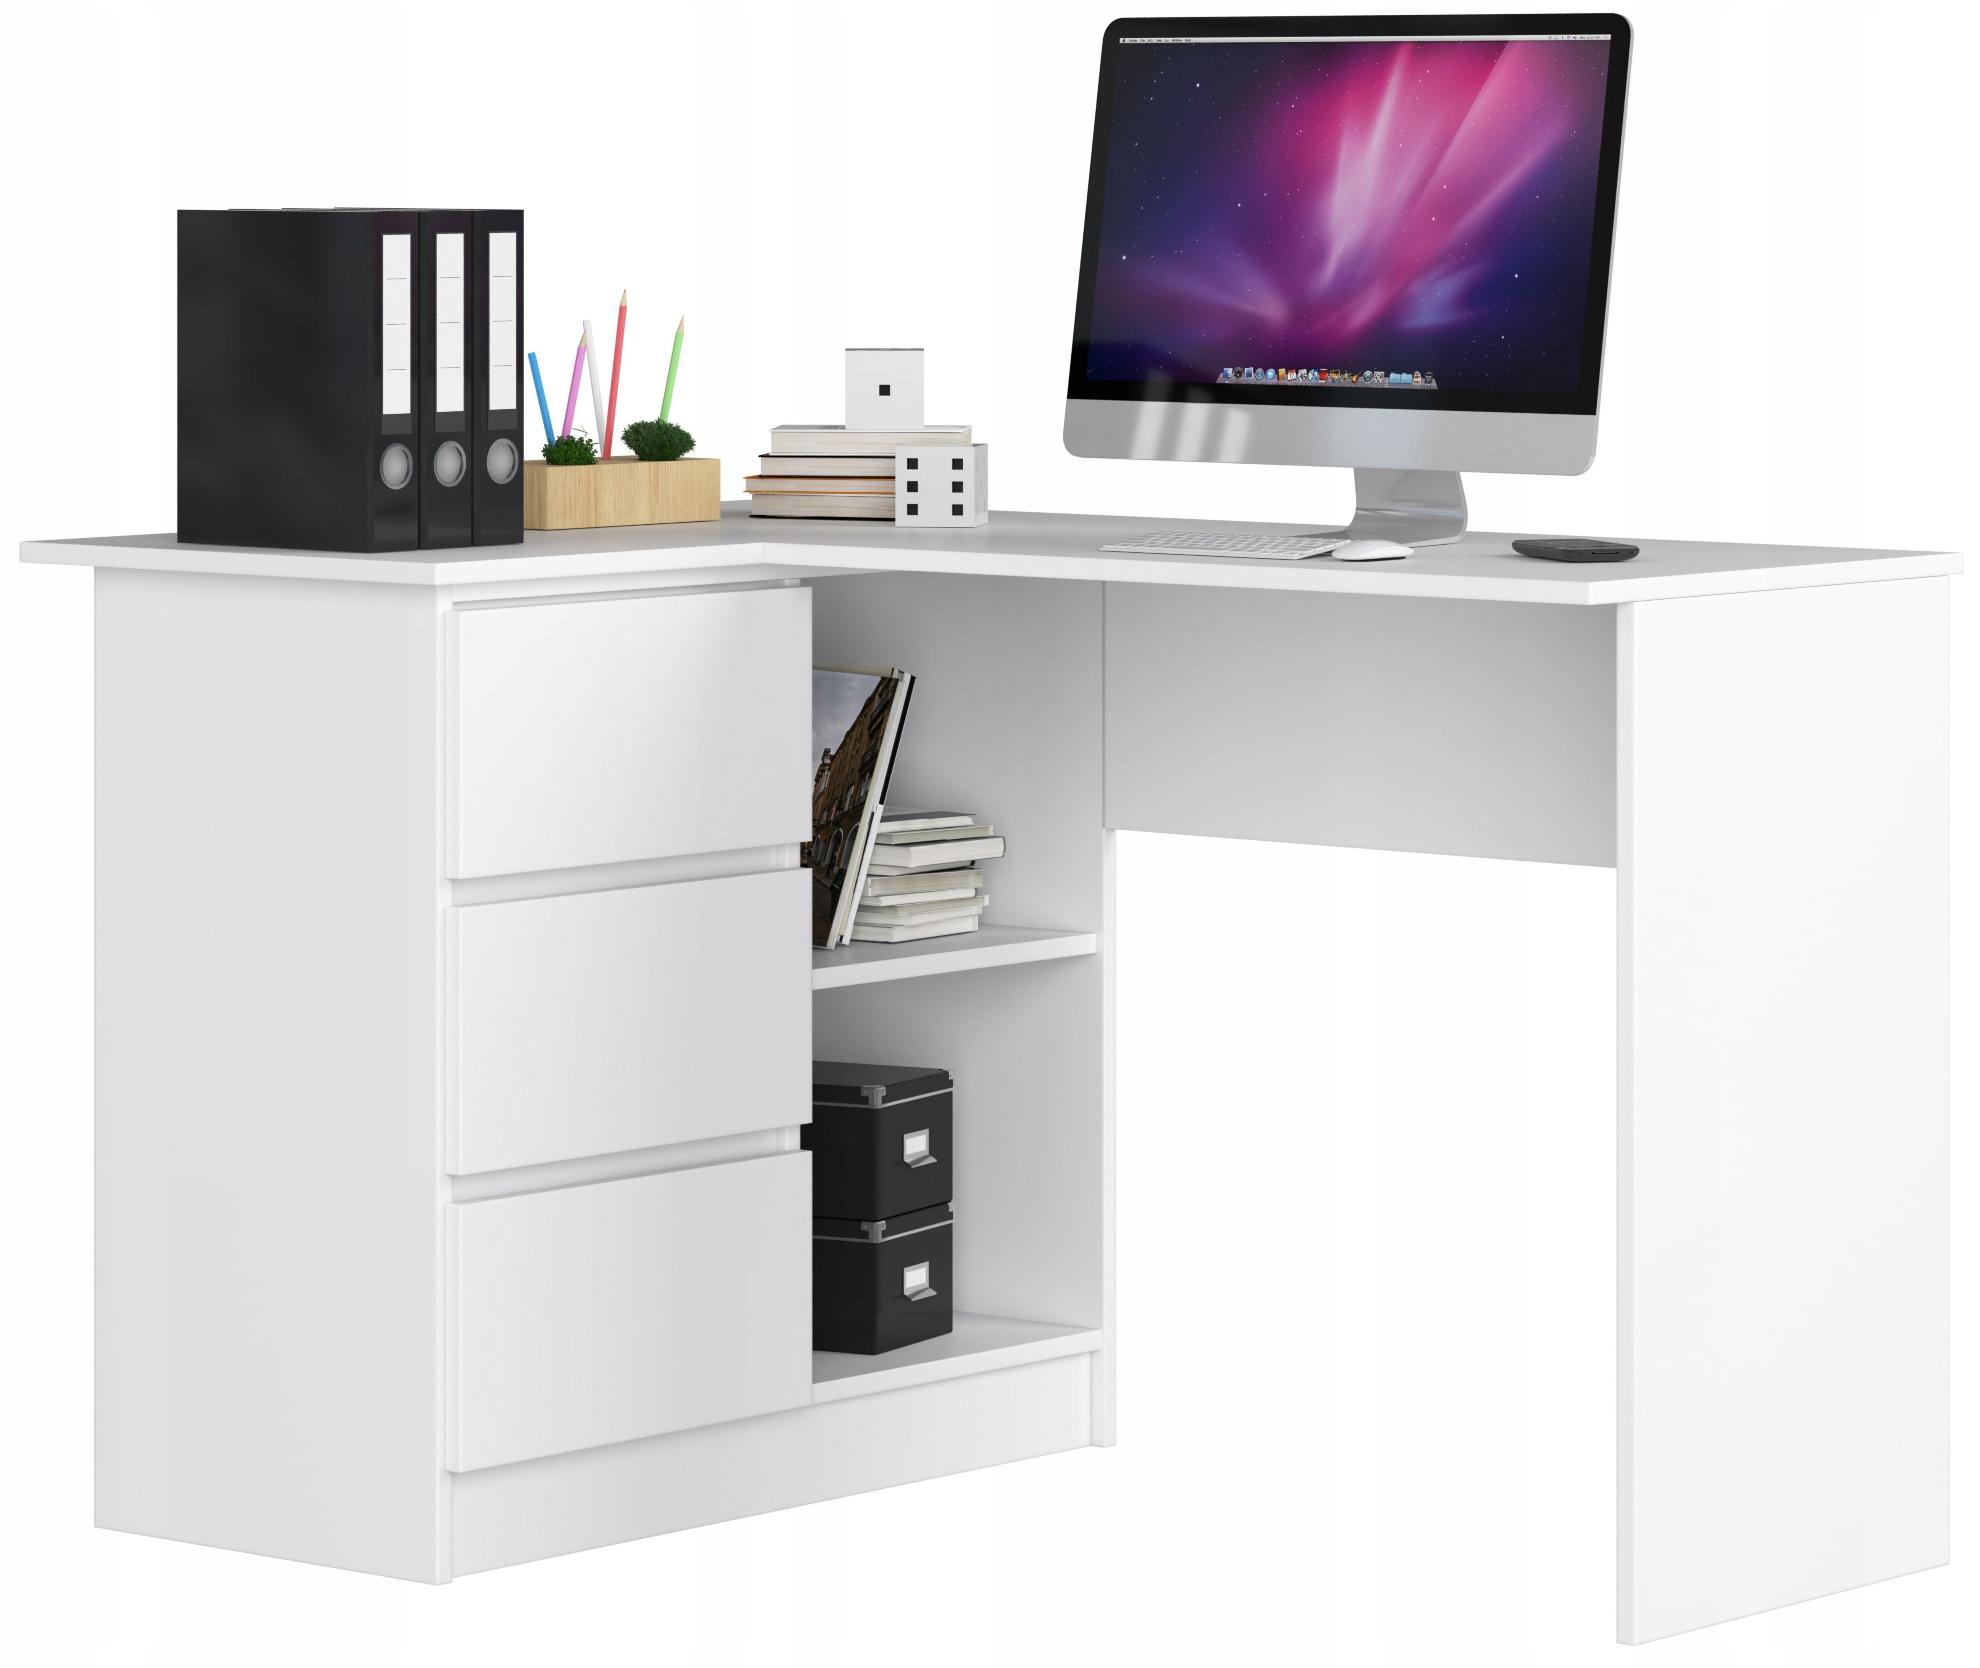 Biurko NaroŻne Komputer B16 Lewe 3sz 124cm BiaŁe